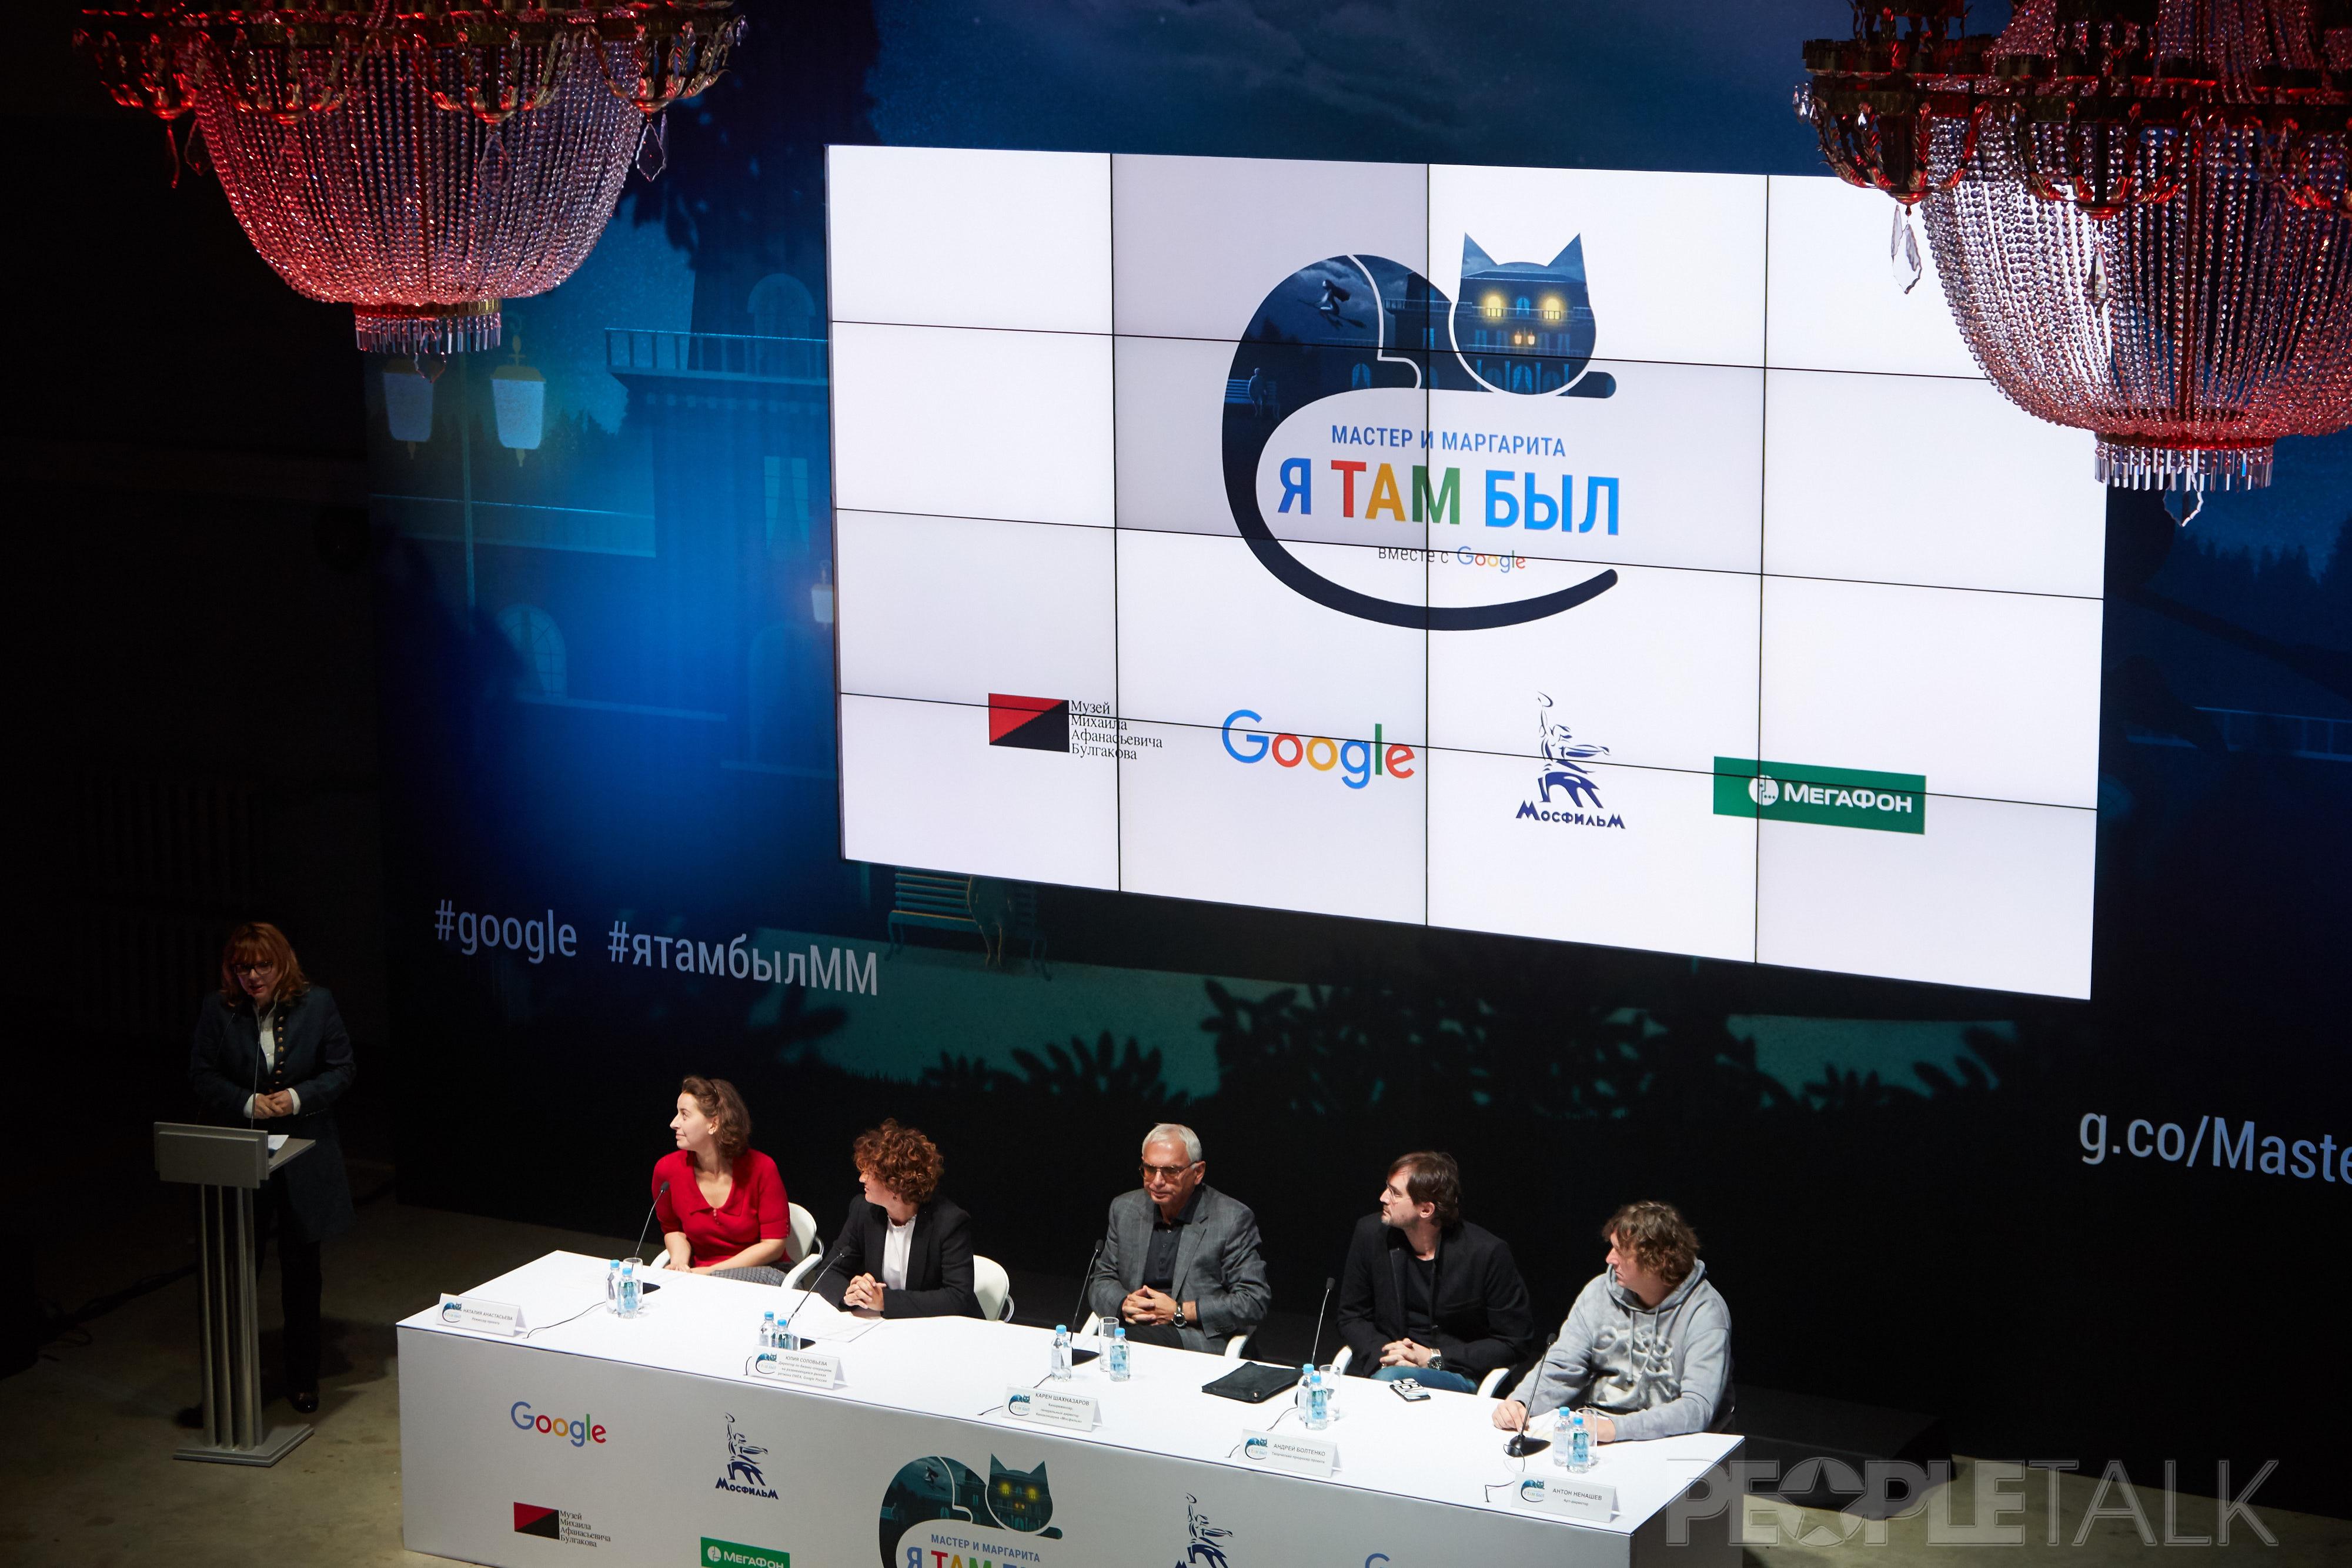 Пресс-конференция Google-чтений «Мастера и Маргарита. Я там был»